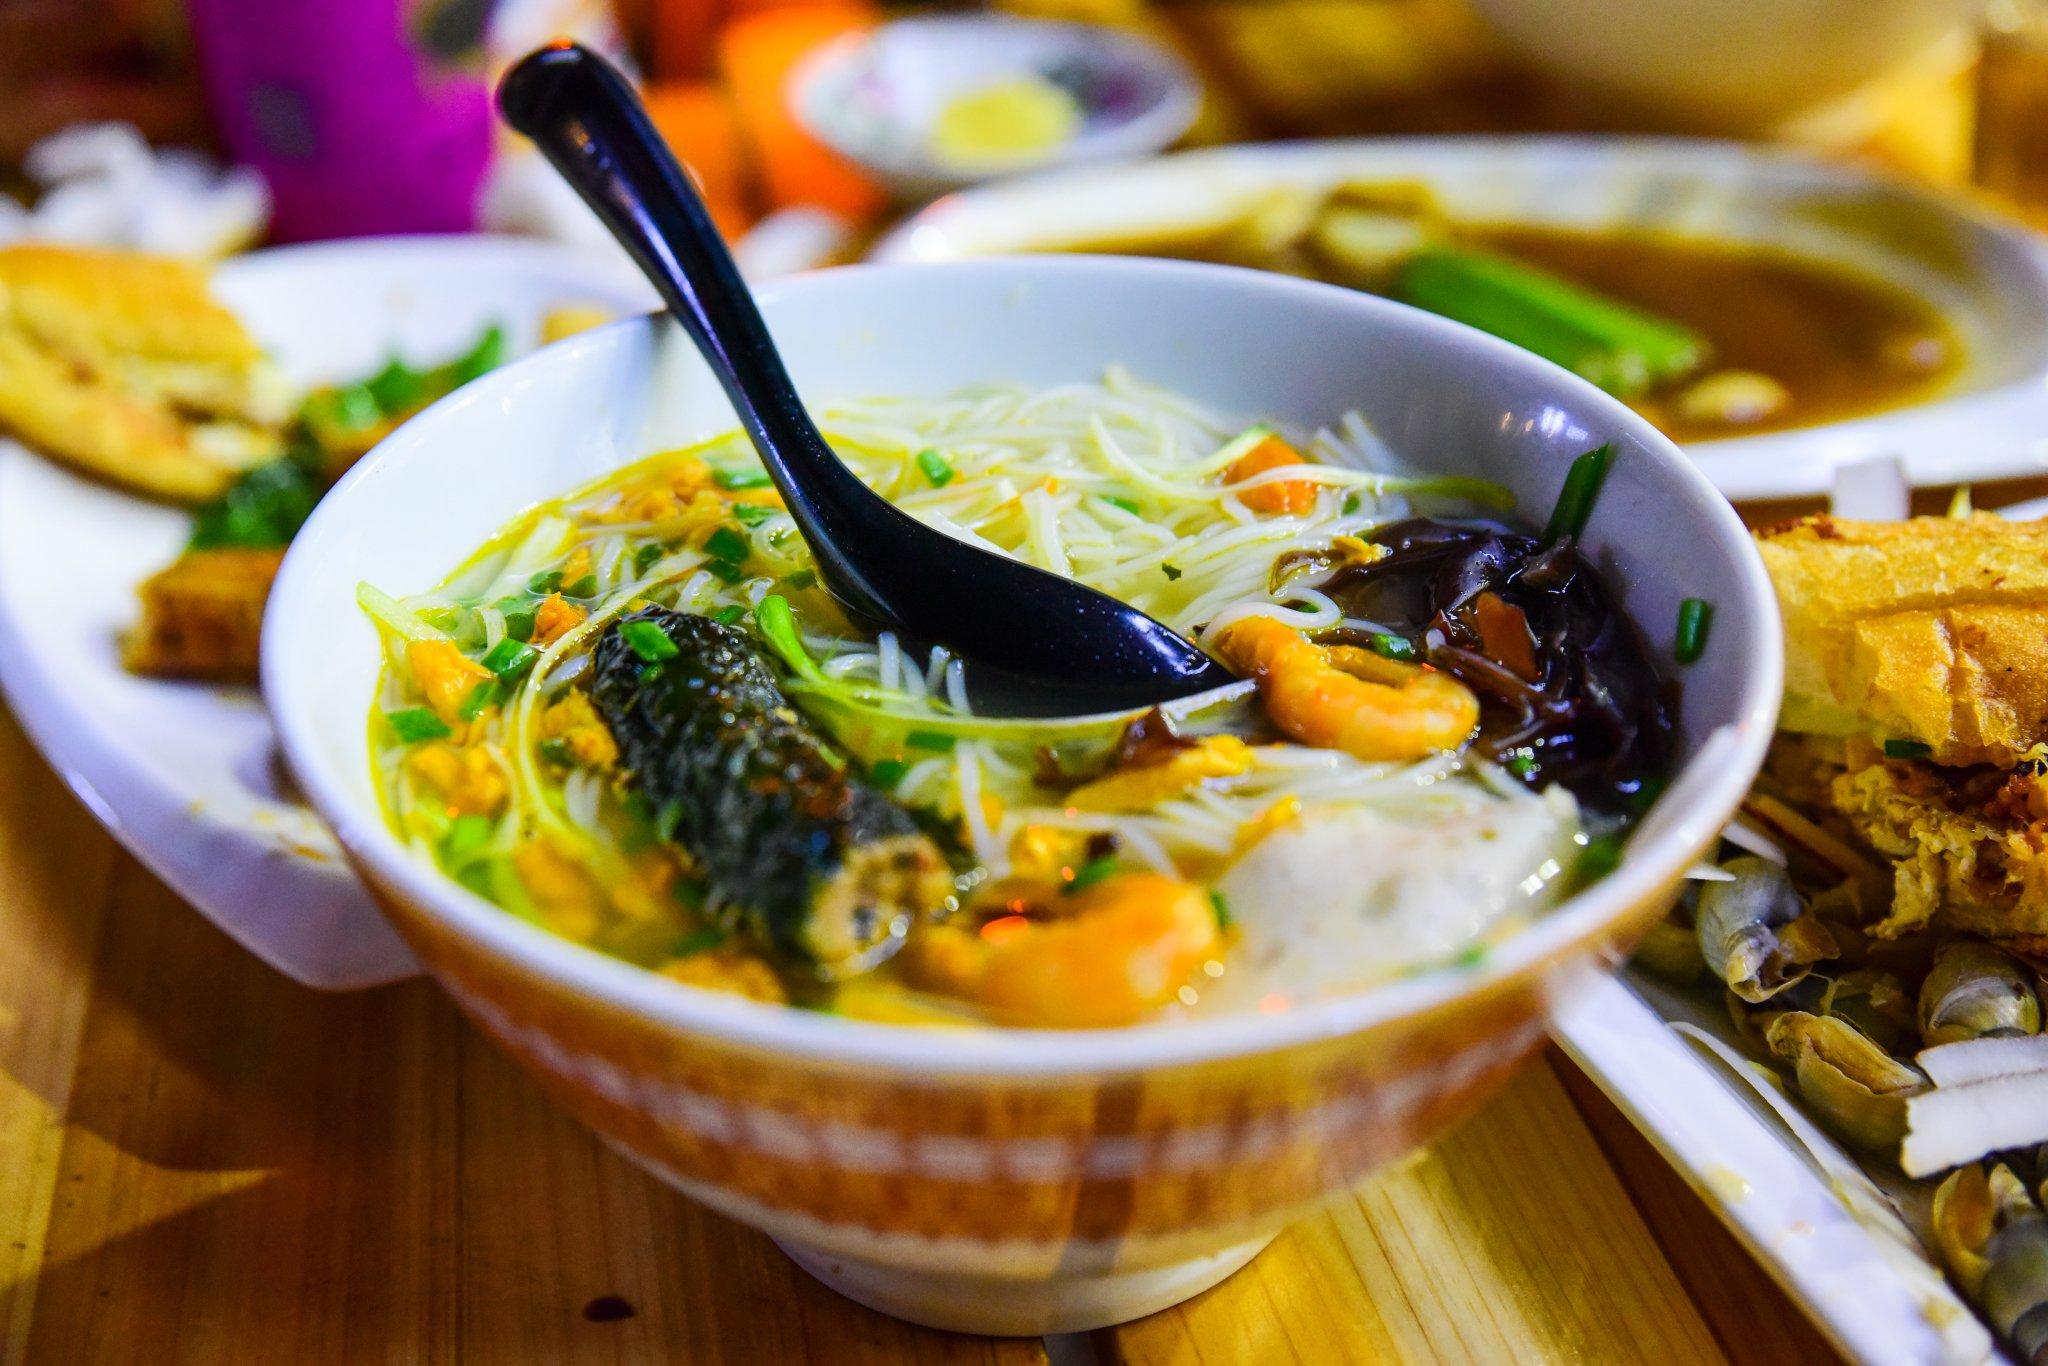 2019明翠炒螺店美食餐厅,一家这是极具越南特开美食城经验心得图片